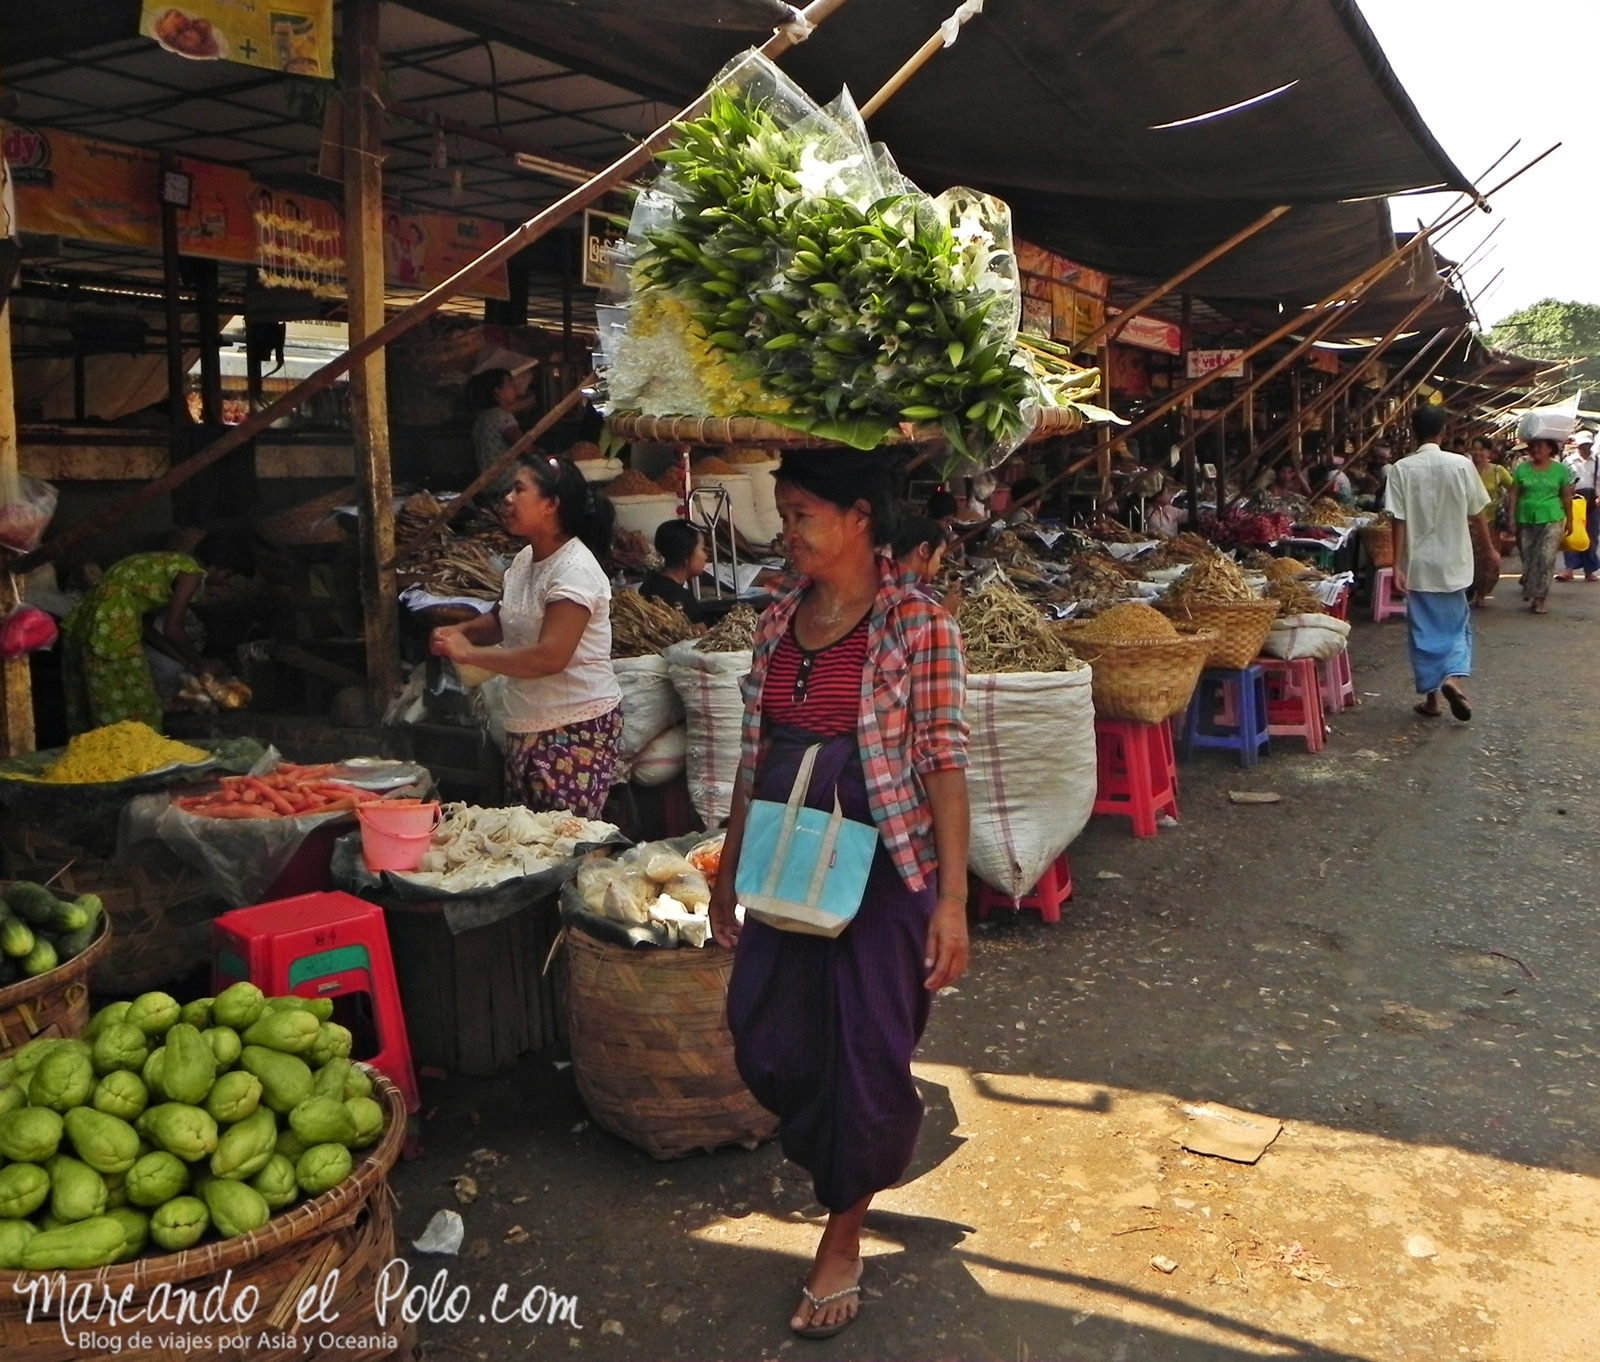 Cargando en la cabeza - Curiosidades de Myanmar